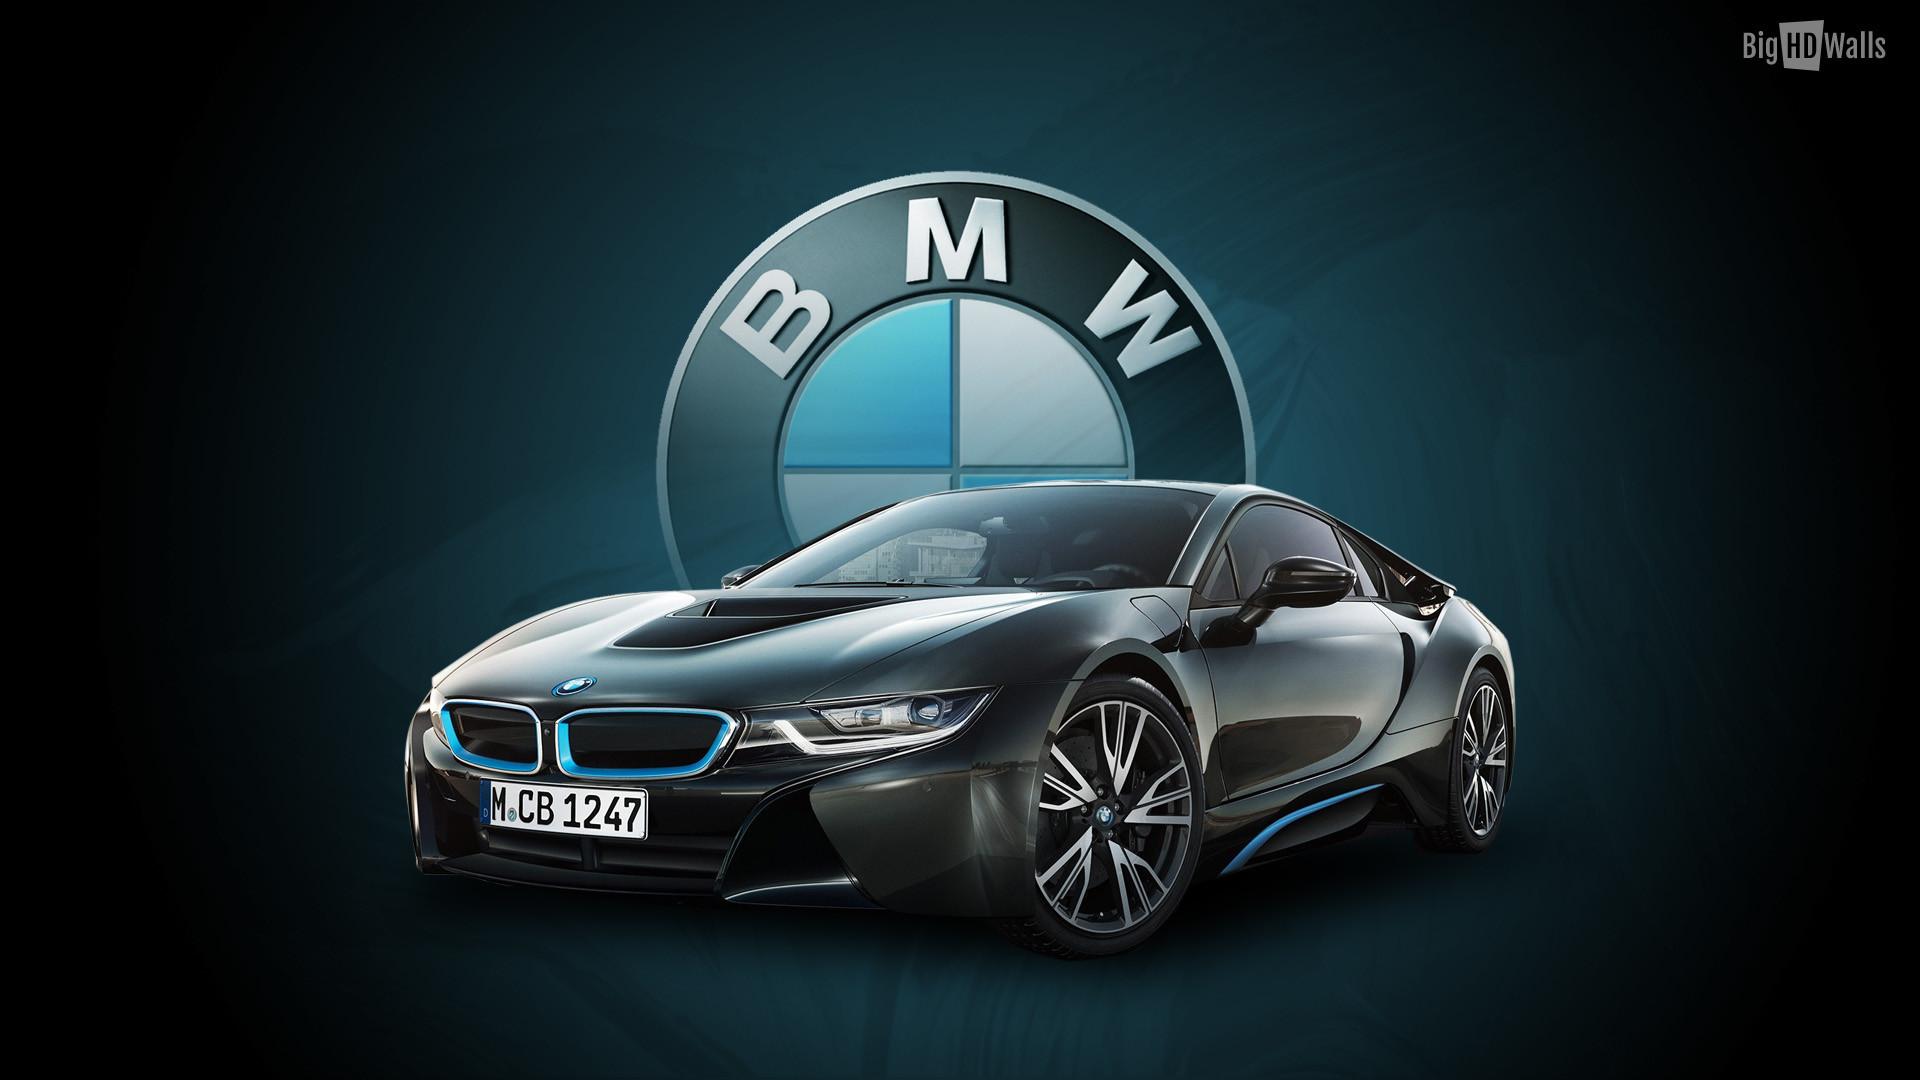 66 Bmw Logo Hd